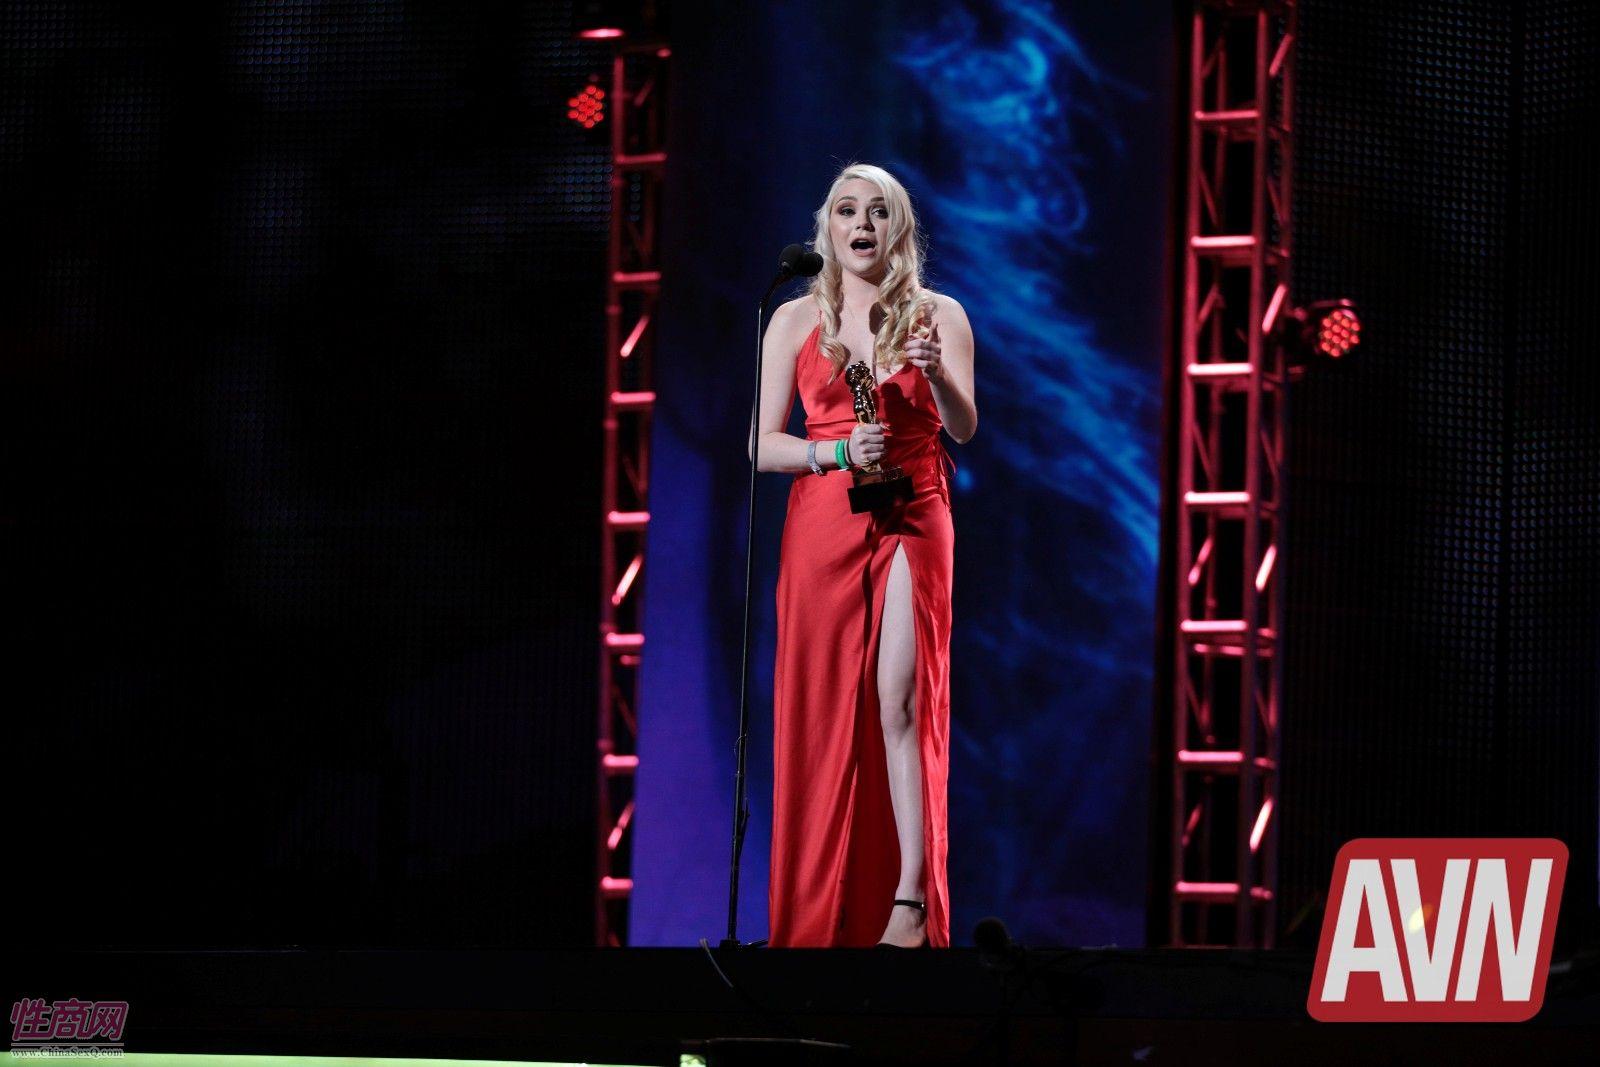 18拉斯维加斯成人展AVN:颁奖典礼 (64)